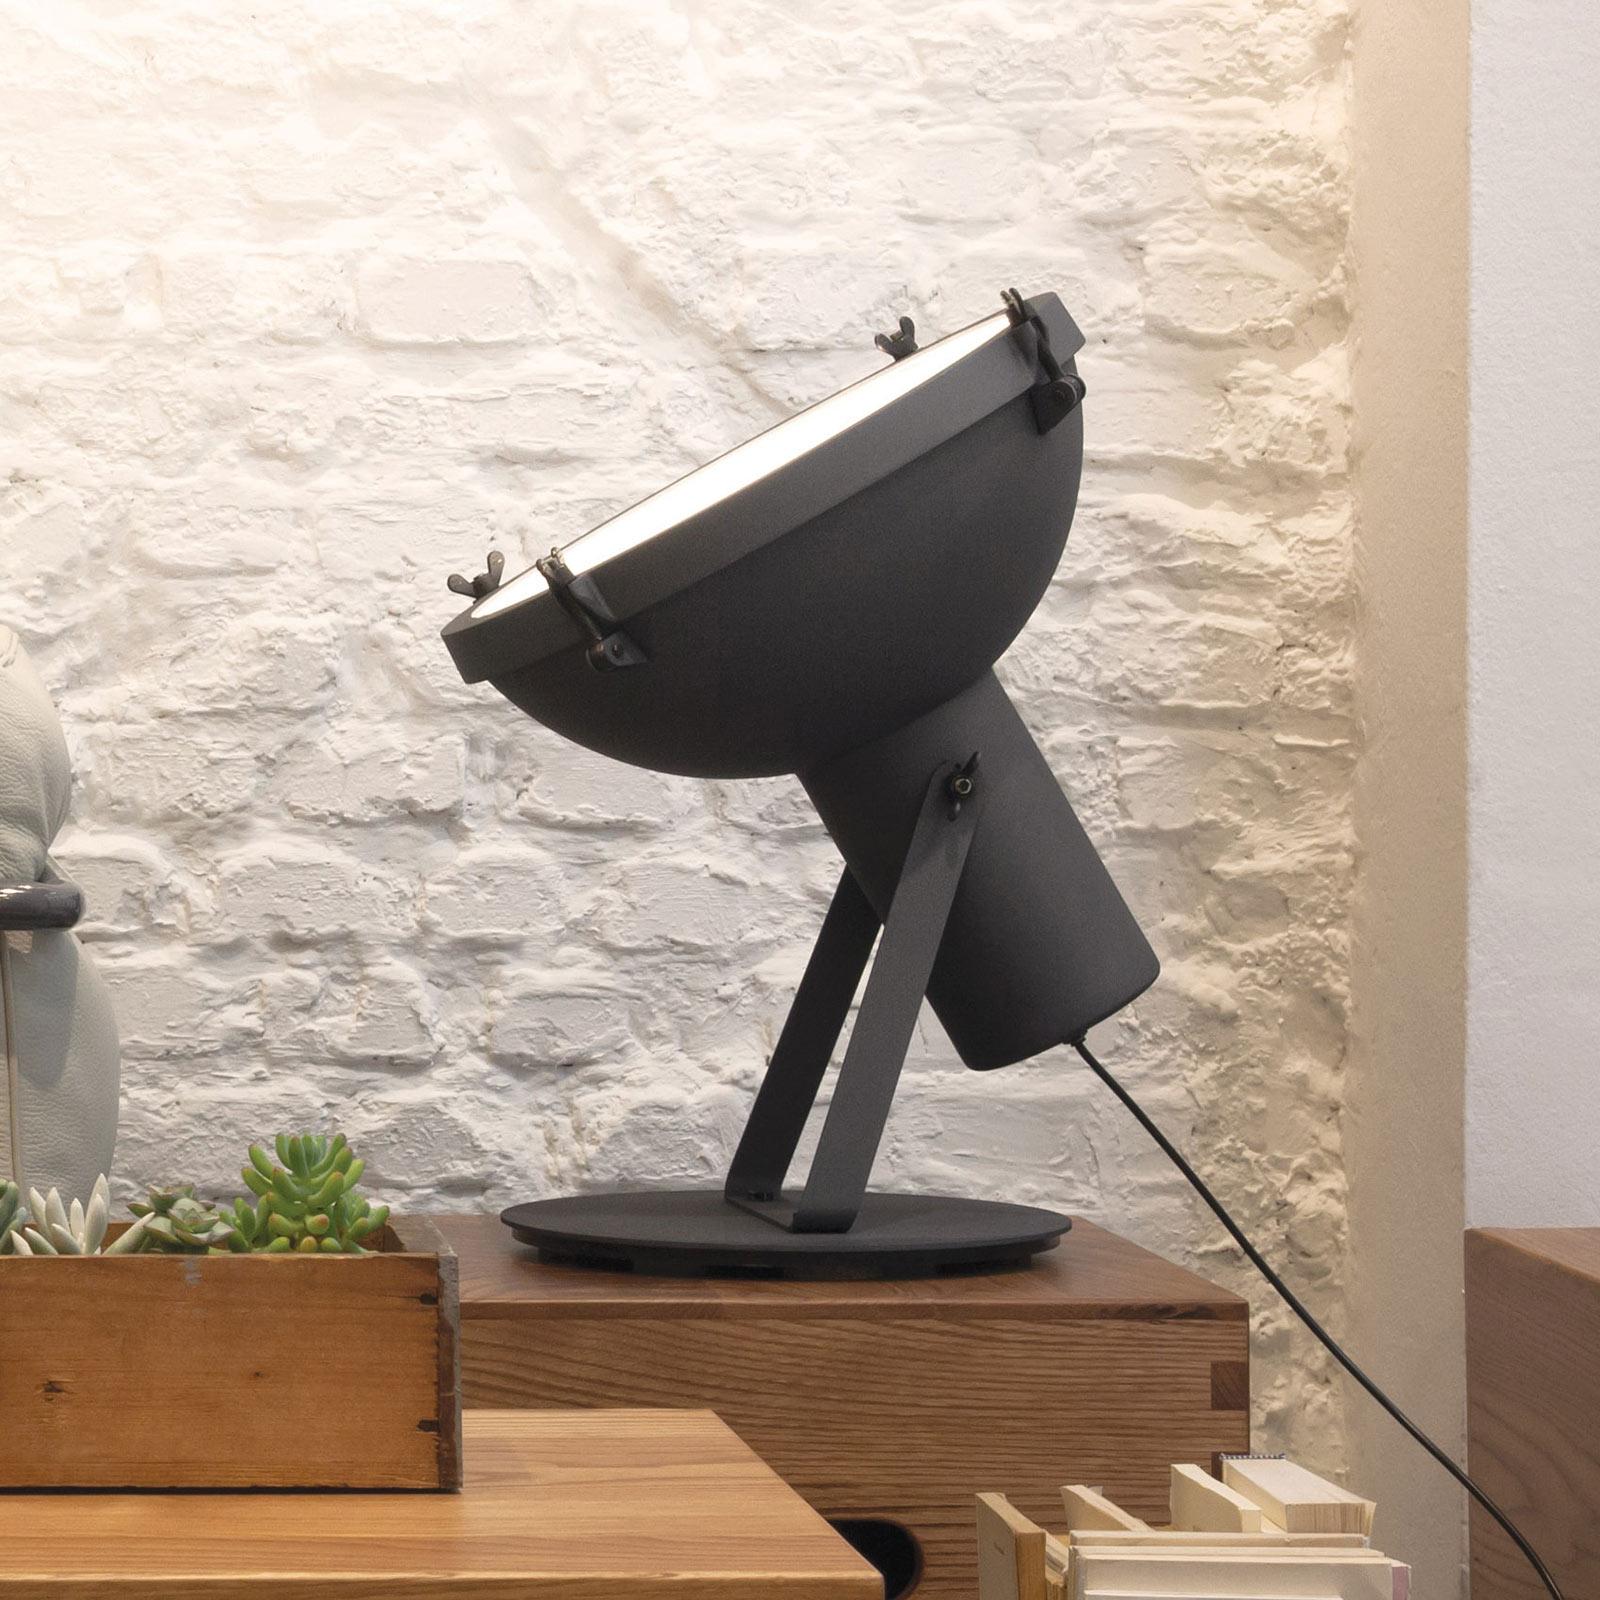 Nemo Projecteur 365 lampa stołowa, nocny niebieski